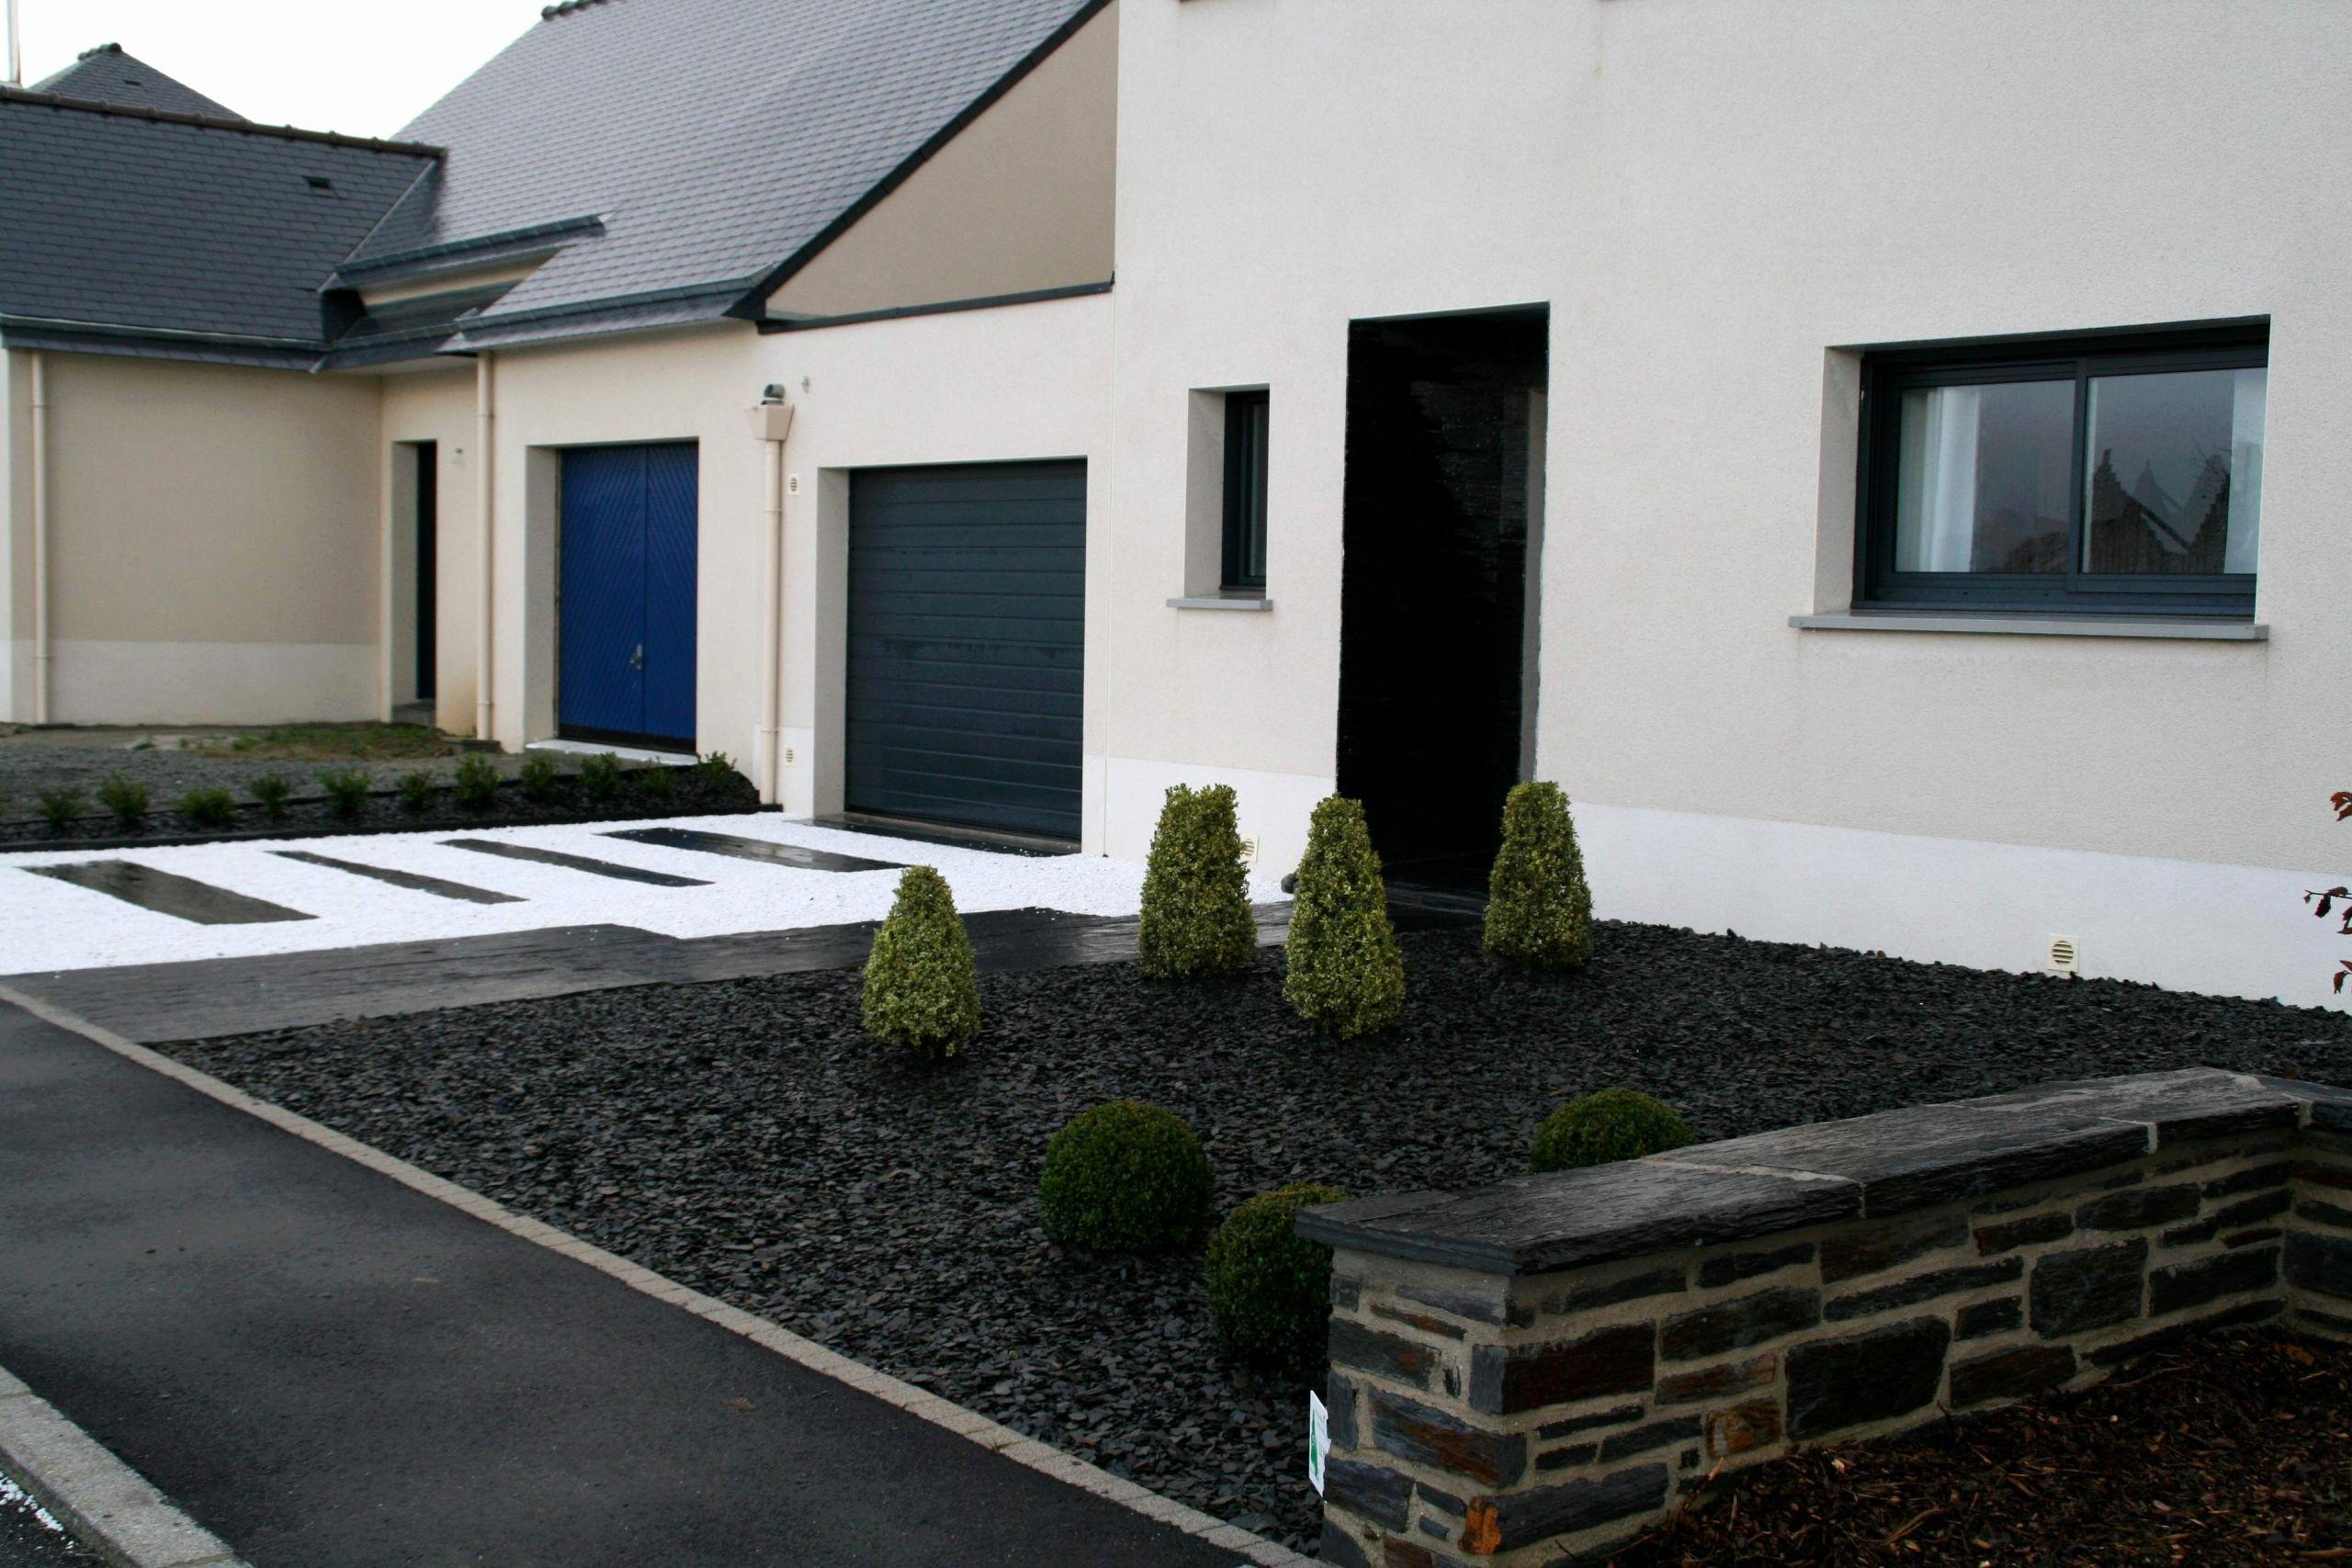 40 Best Of Amenagement Jardin Exterieur | Salon Jardin concernant Amanagement Extarieur Maison